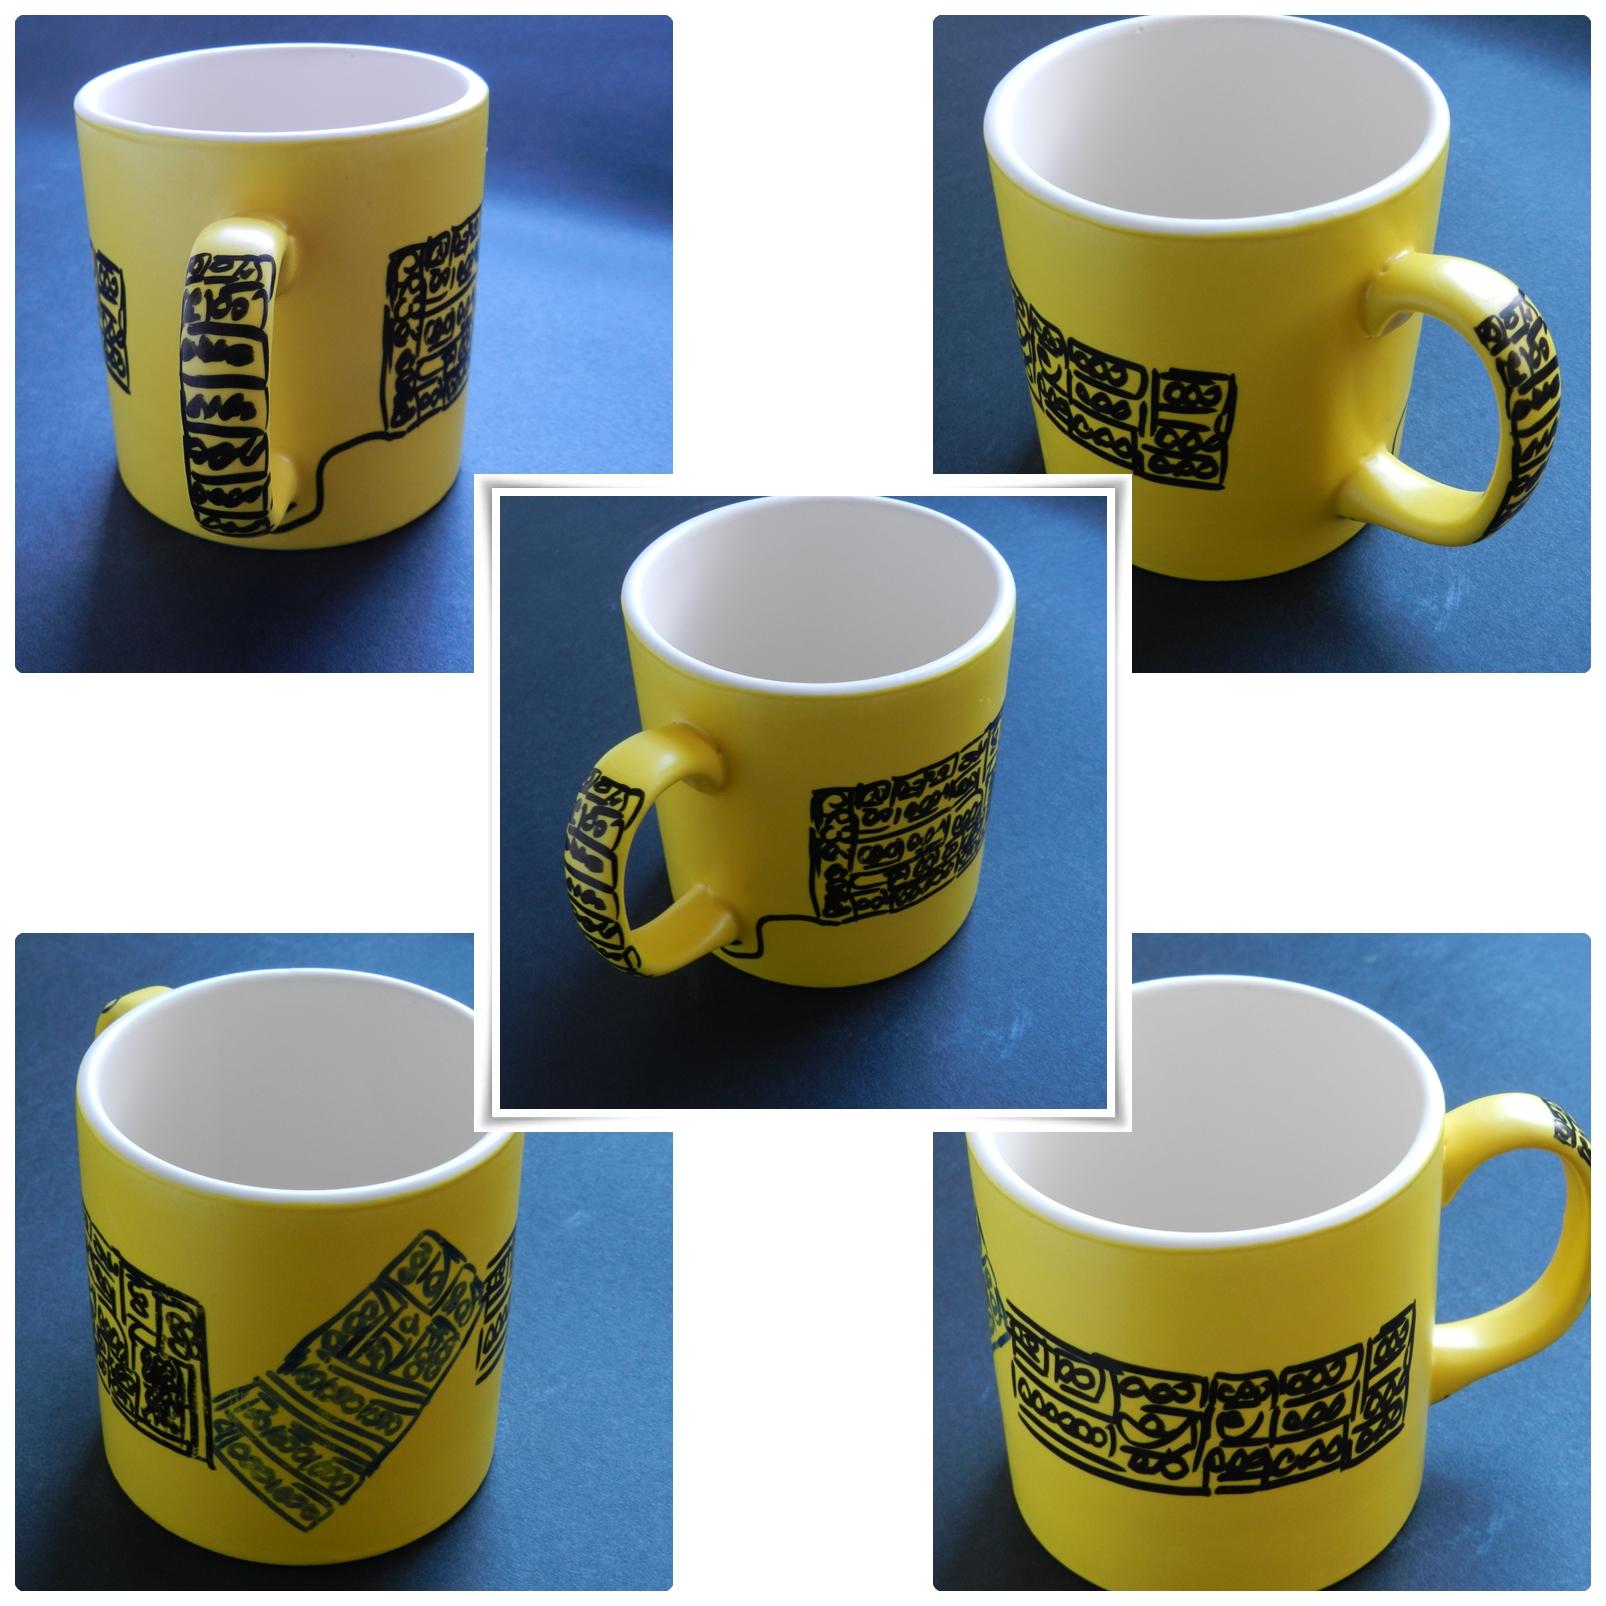 Seramik Boyama Bardak Sarı Renkli Desenli Seramik Boyama ürünler